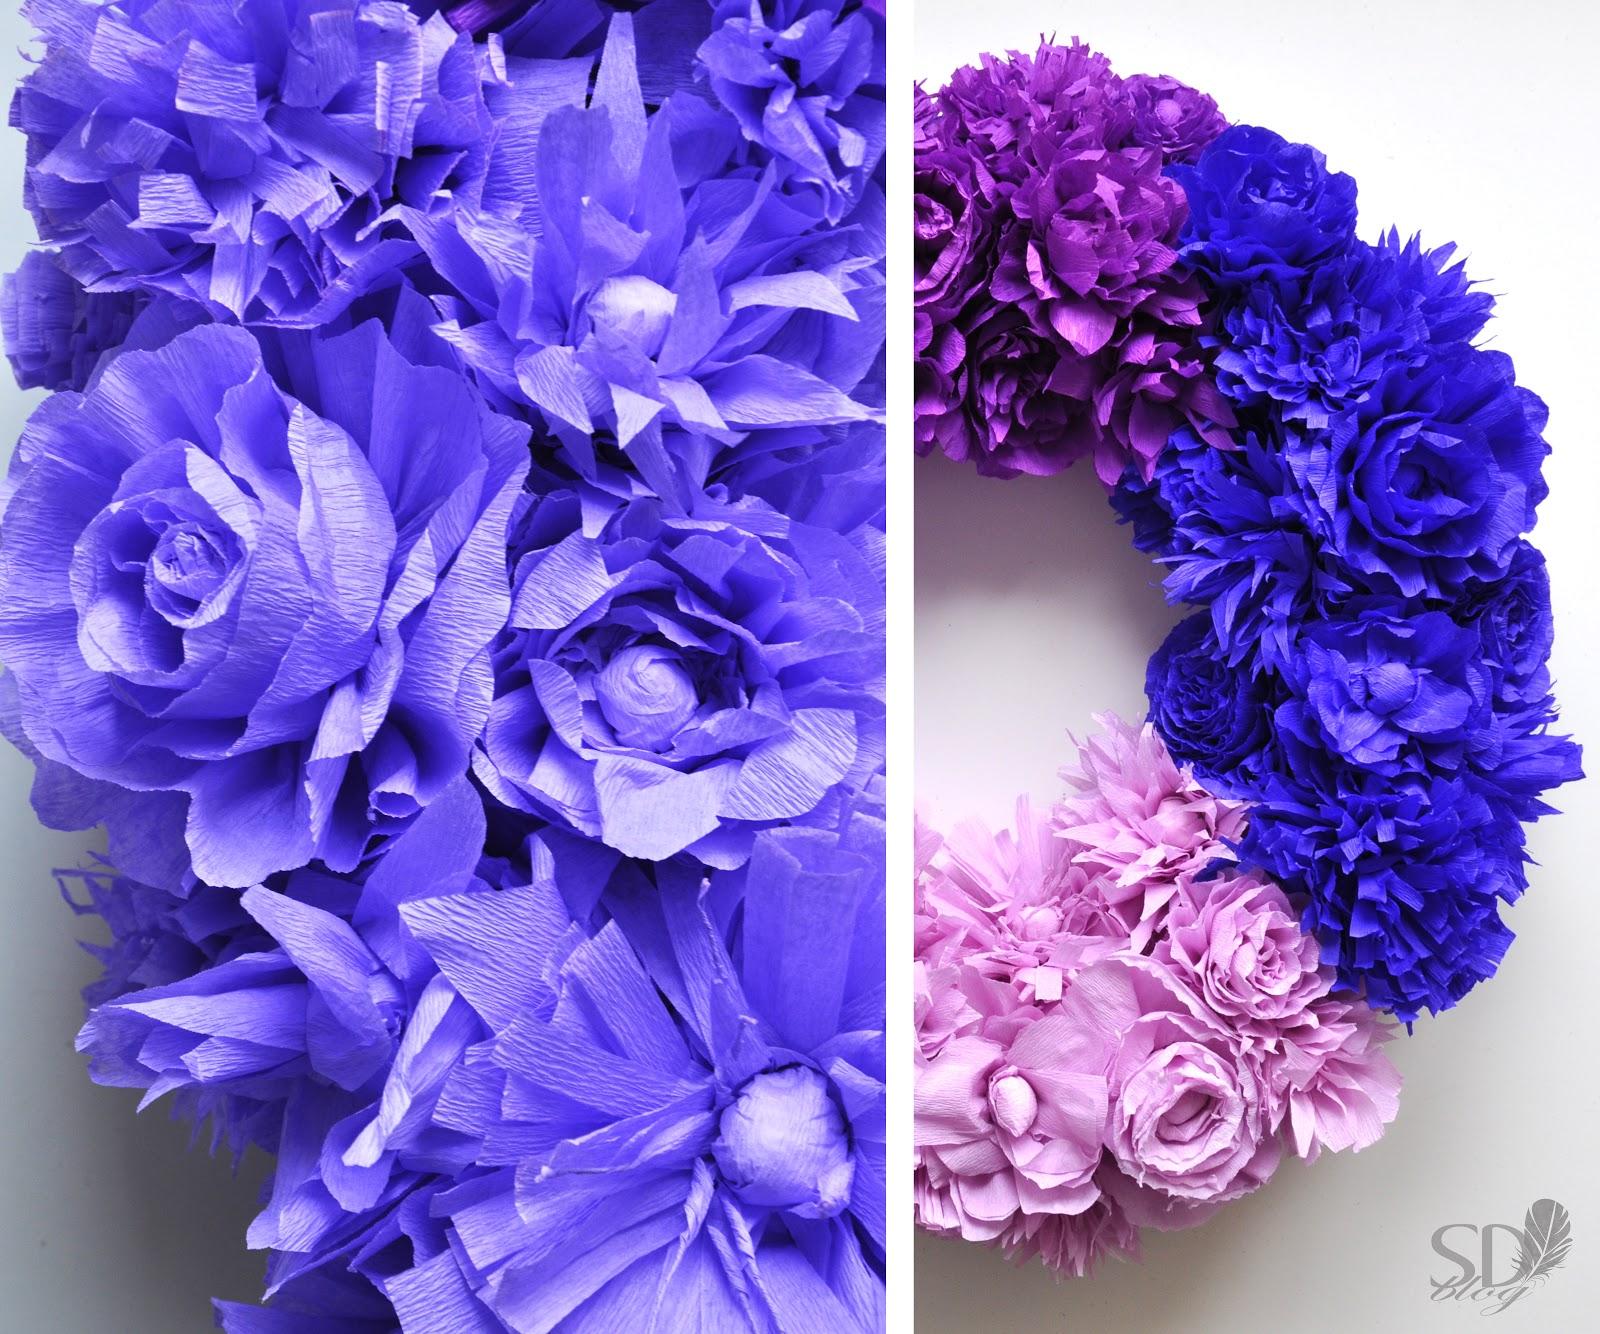 Corona con papel tissu corona de flores de papel manualidades diy comando craft - Manualidades con papel craft ...